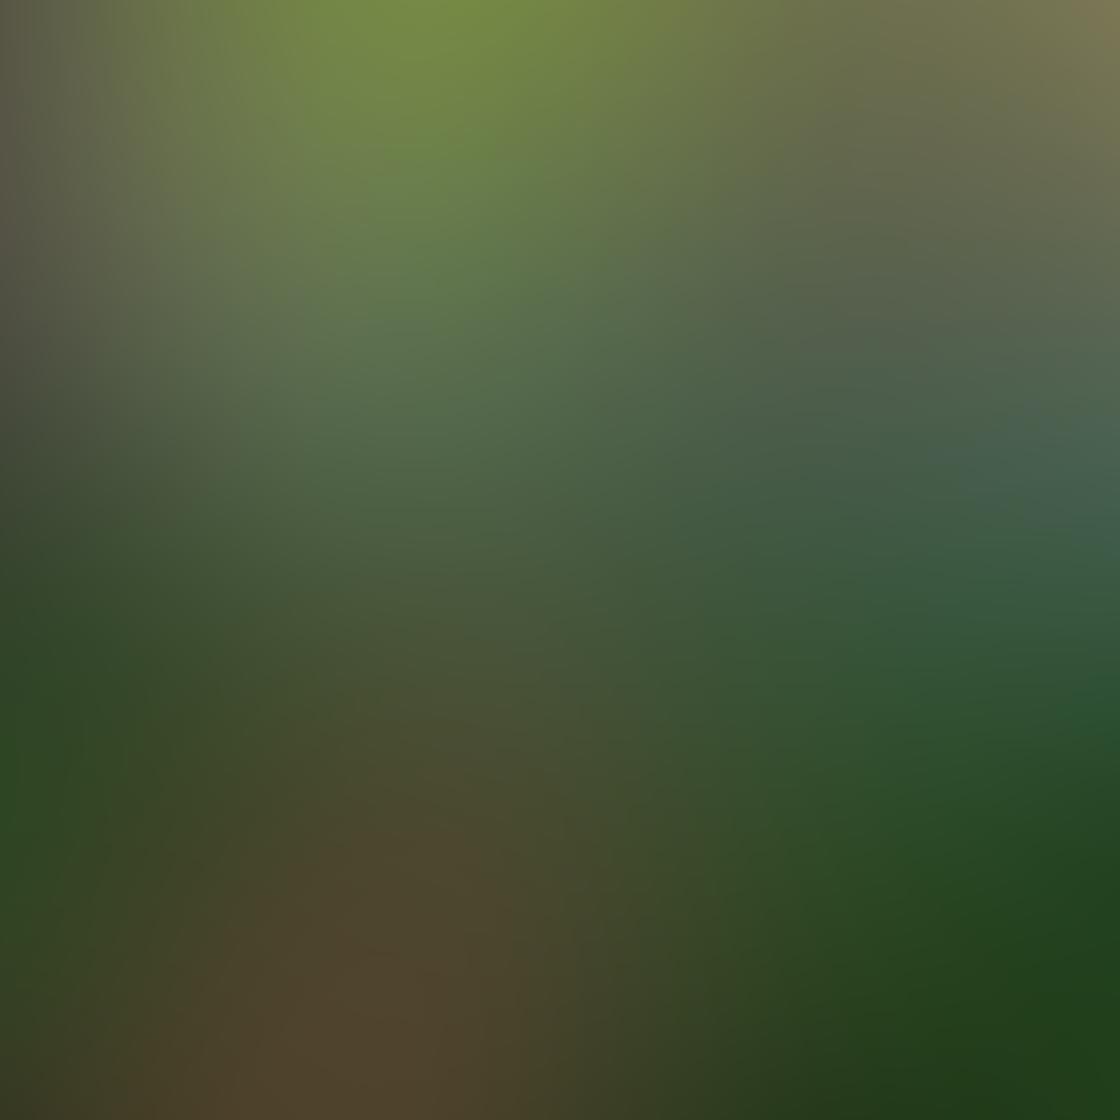 iPhone Photos Texture 63